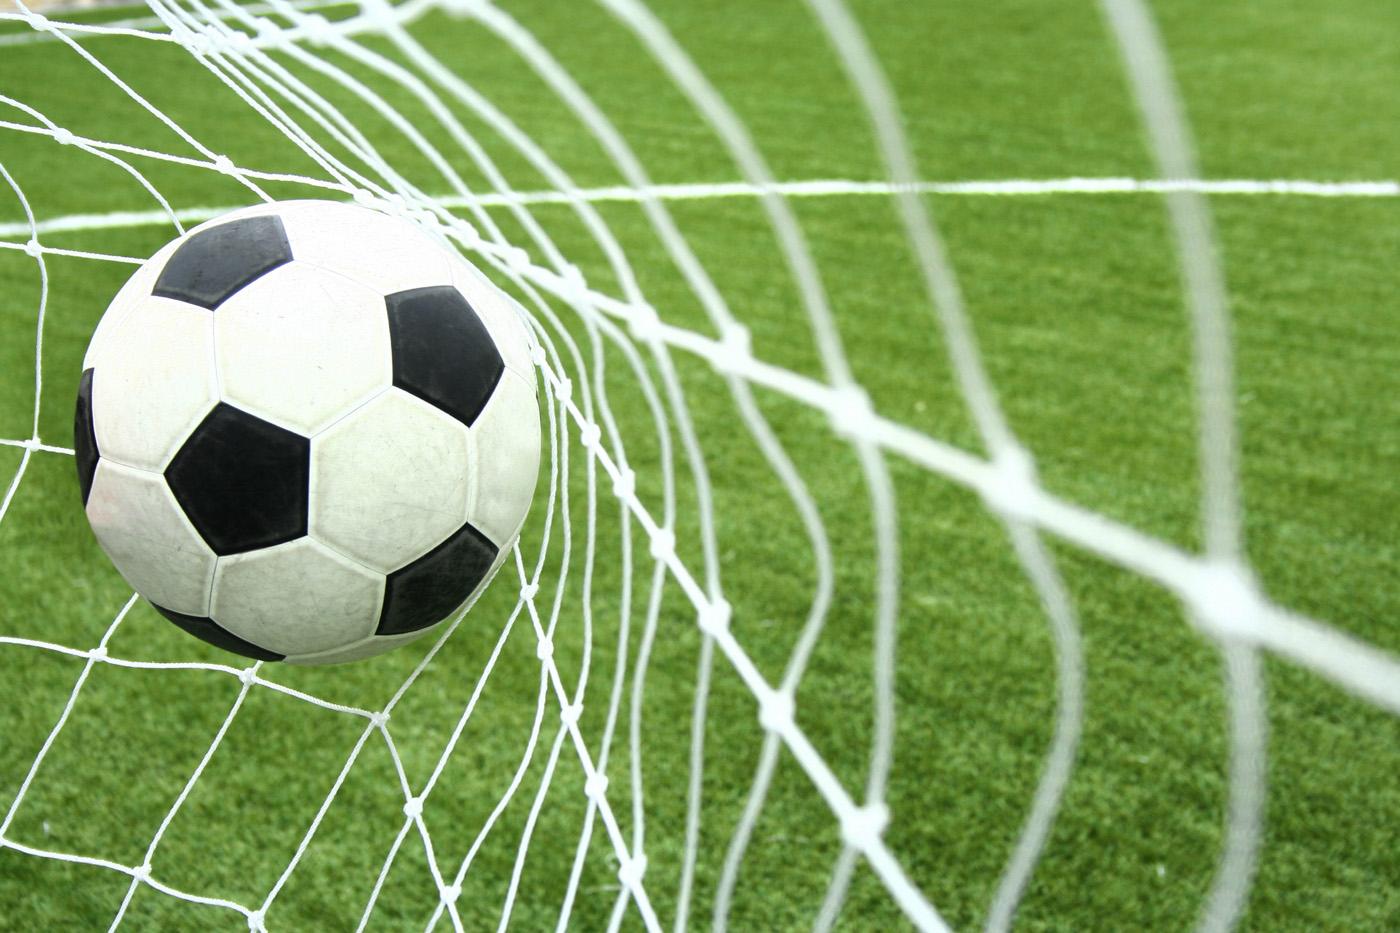 Fotbaliștii de la LPS Bihorul au fost eliminați din Cupa României